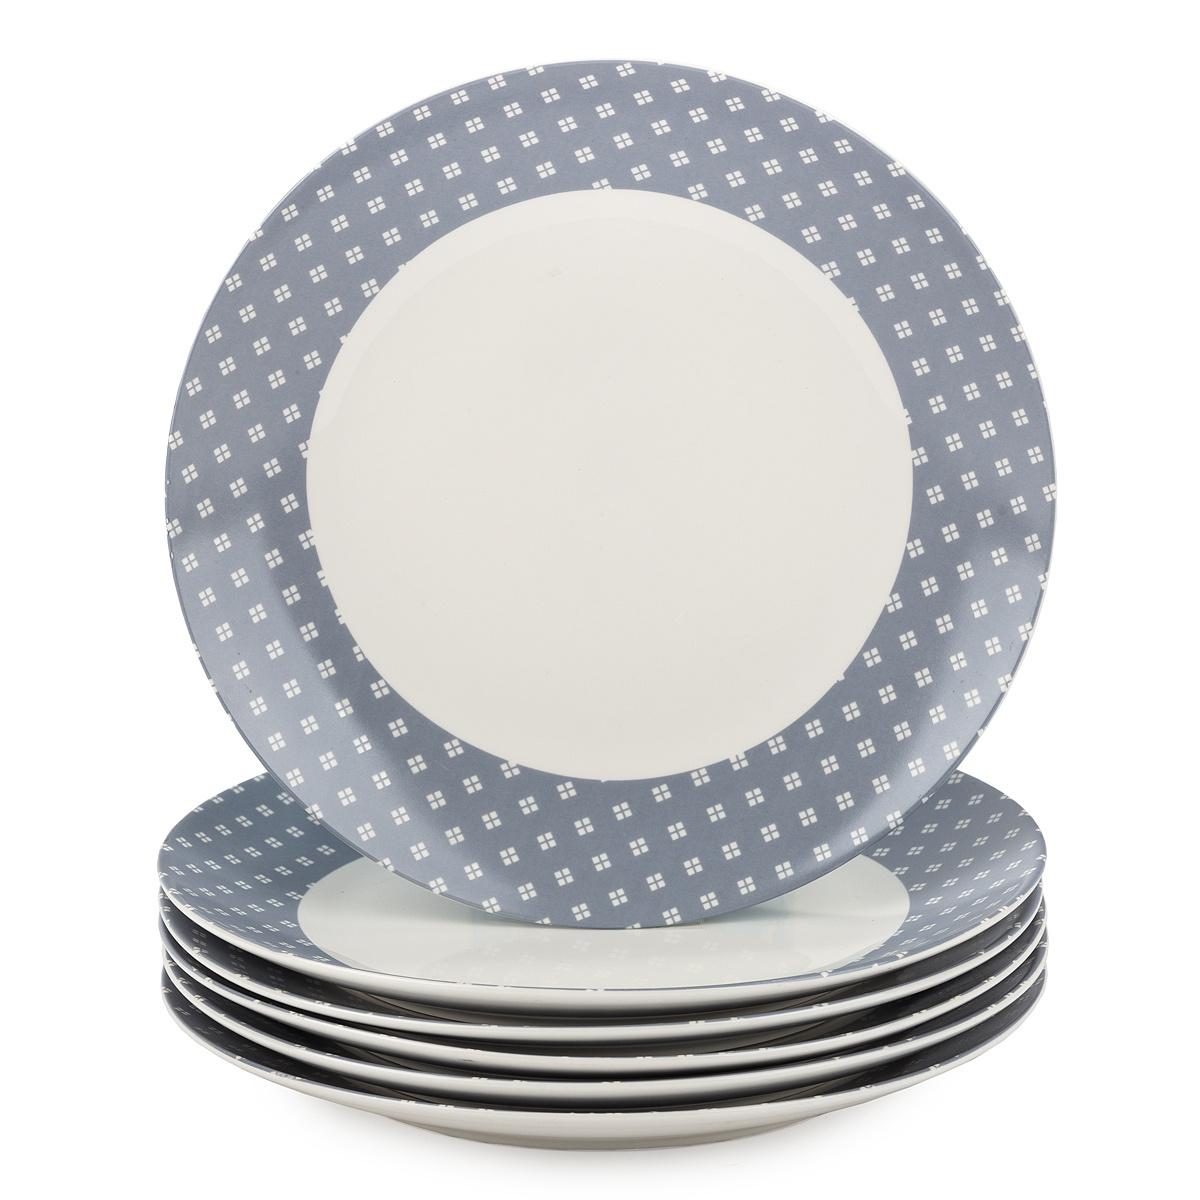 Fotografie Altom Sada porcelánových dezertních talířů Lena 20 cm, 6 ks